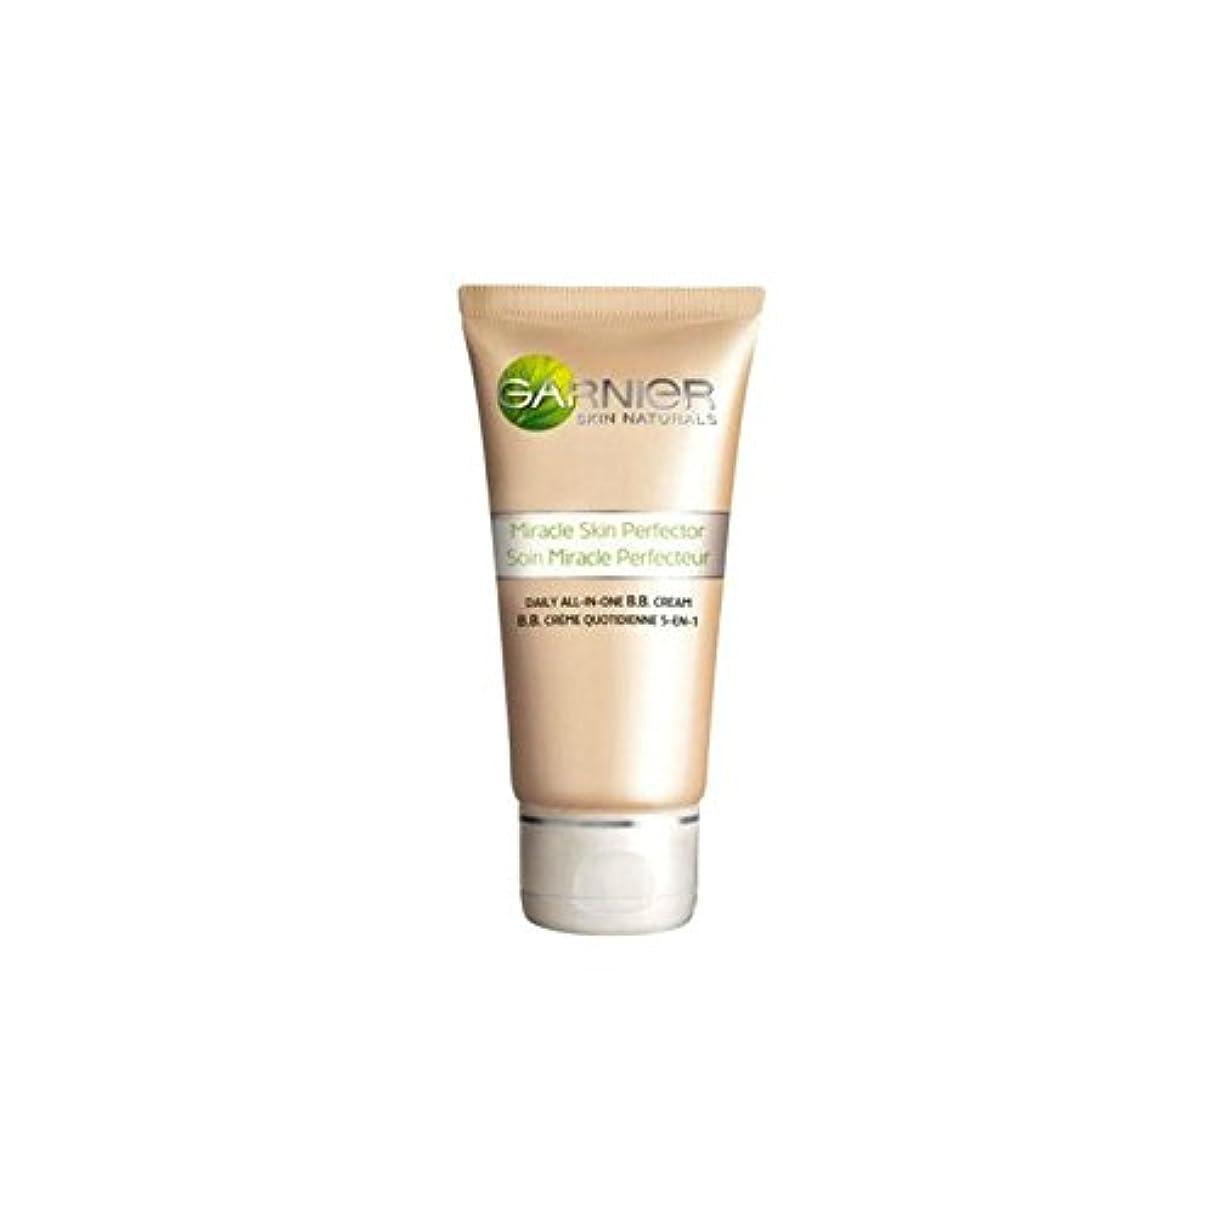 なめるセクタペダルGarnier Original Medium Bb Cream (50ml) - ガルニエオリジナル媒体クリーム(50)中 [並行輸入品]